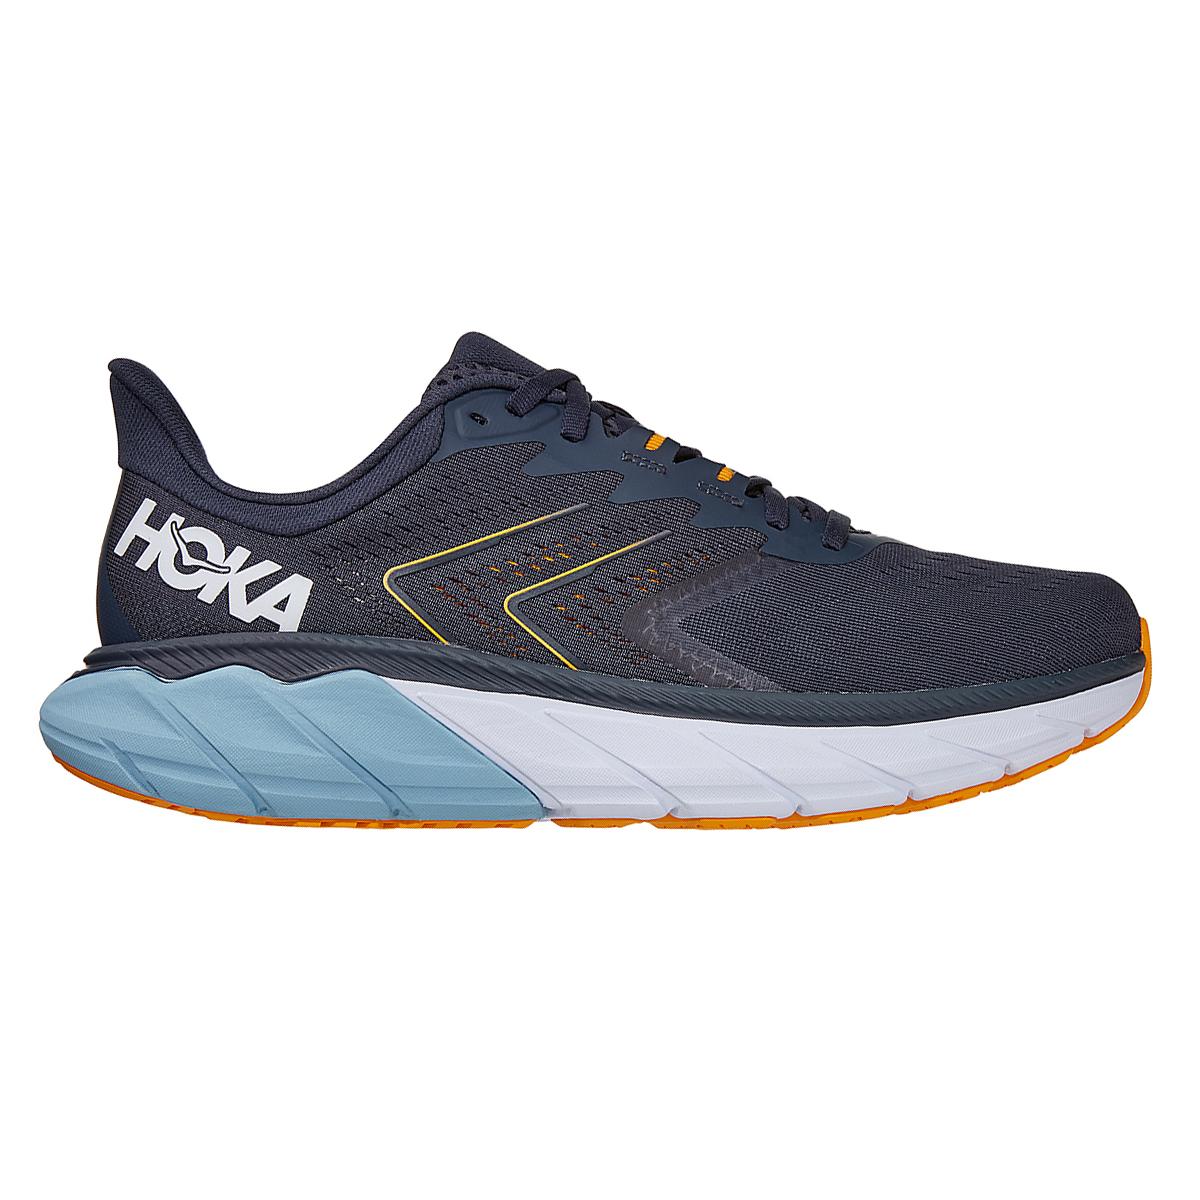 Men's Hoka One One Arahi 5 Running Shoe - Color: Ombre Blue/Blue Fog - Size: 8.5 - Width: Regular, Ombre Blue/Blue Fog, large, image 1